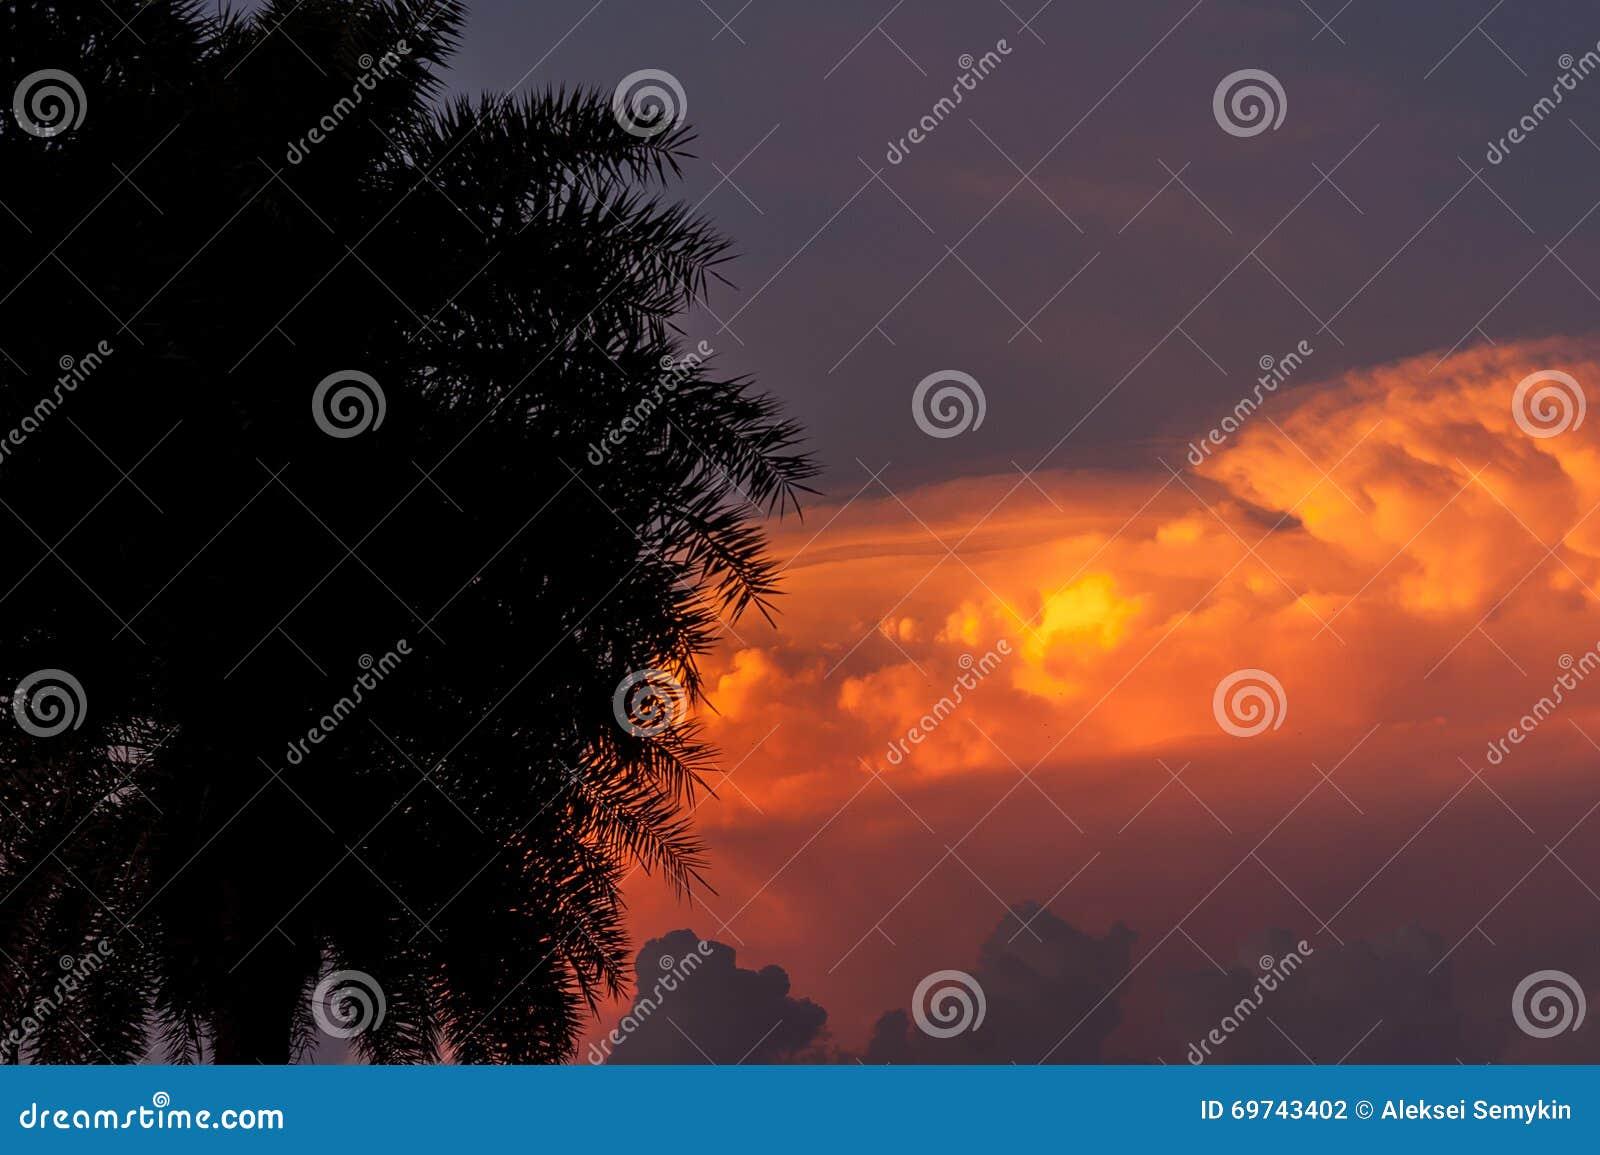 fiery glow burning sunset - photo #34